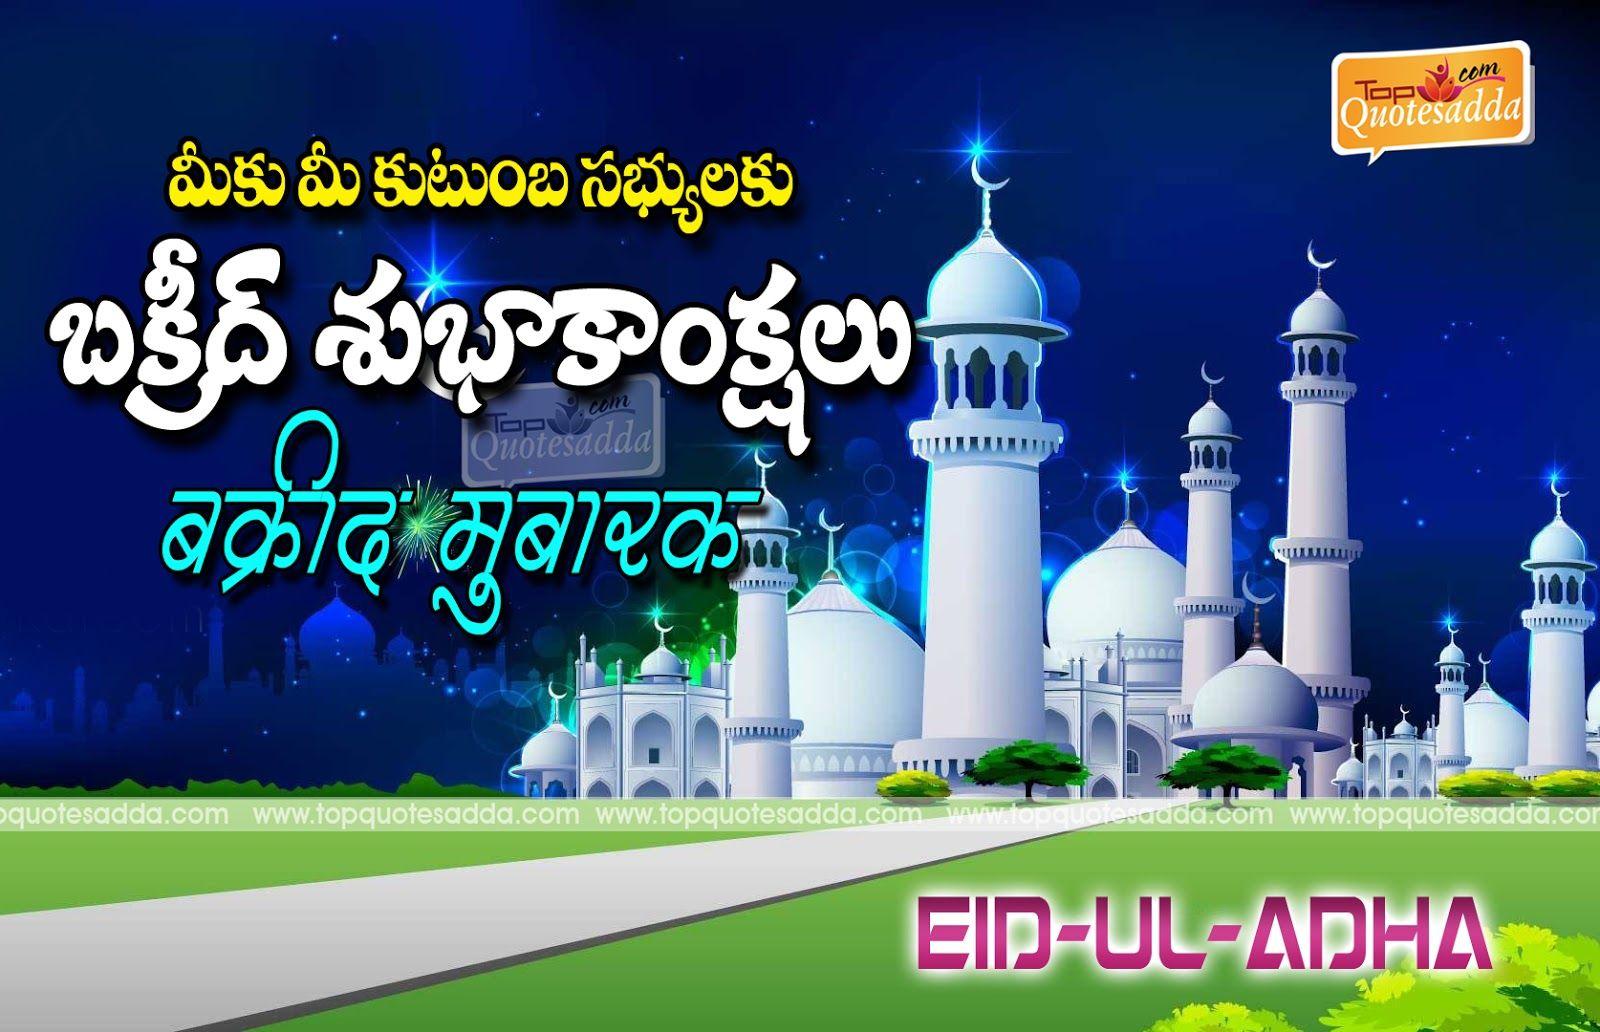 Happy eid ul adha mubarak greeting cards eid ul adha mubarak happy happy eid ul adha mubarak greeting cards eid ul adha mubarak happy wishes to m4hsunfo Gallery